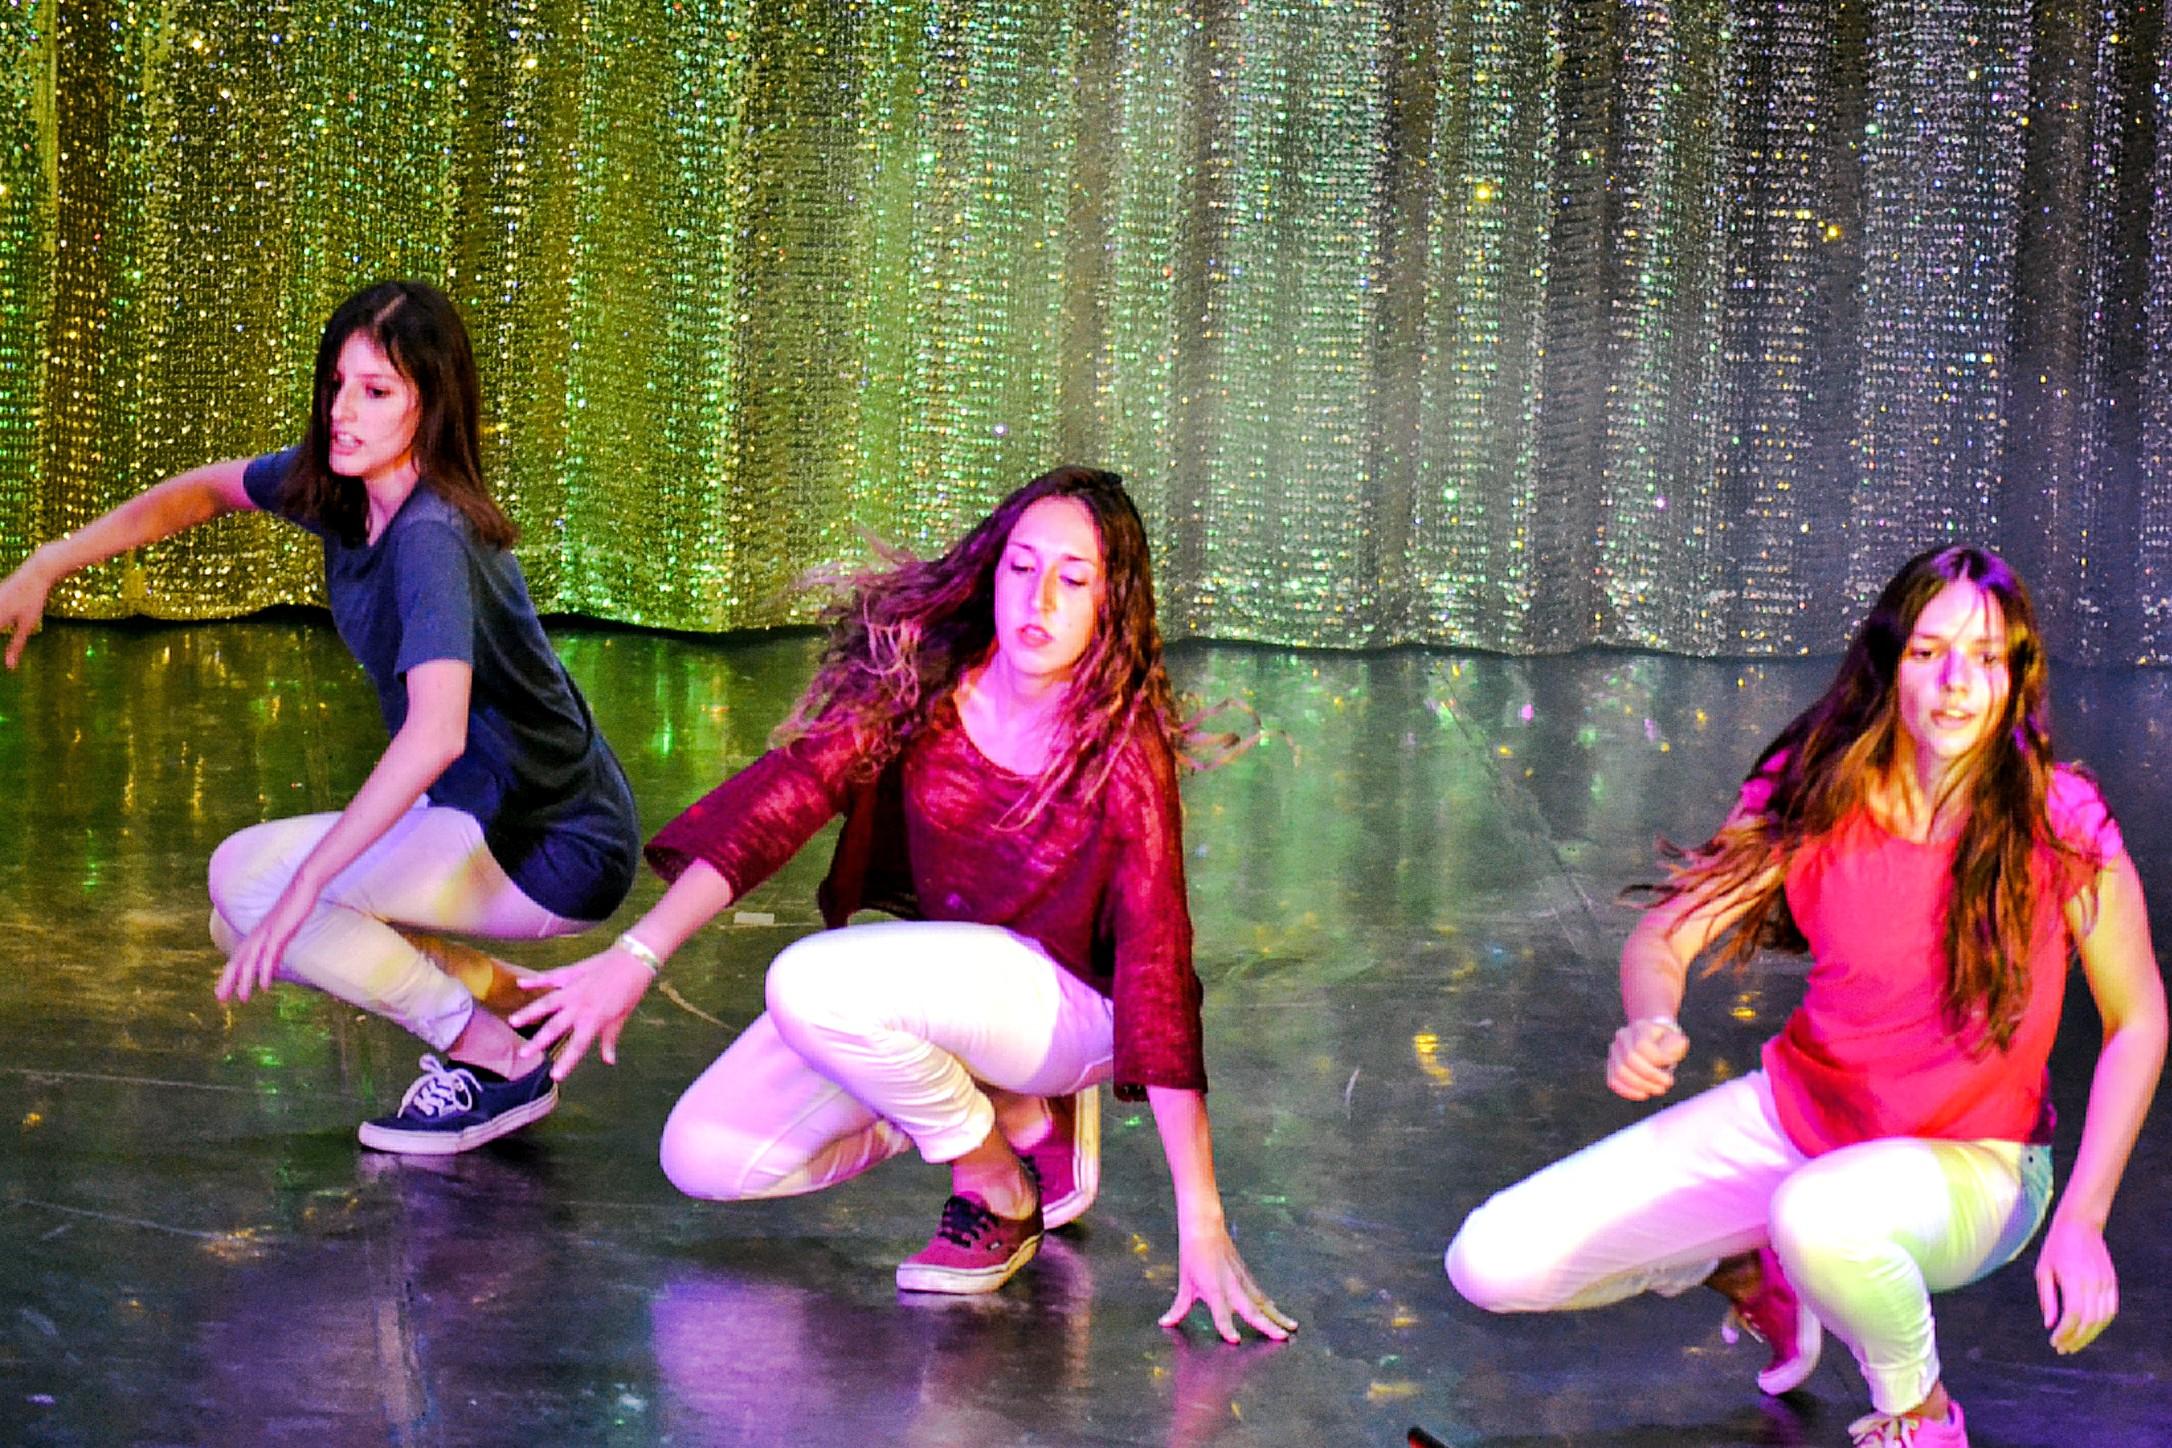 Linea-de-Baile-festival-verano-2015-clases-de-baile-valencia-10